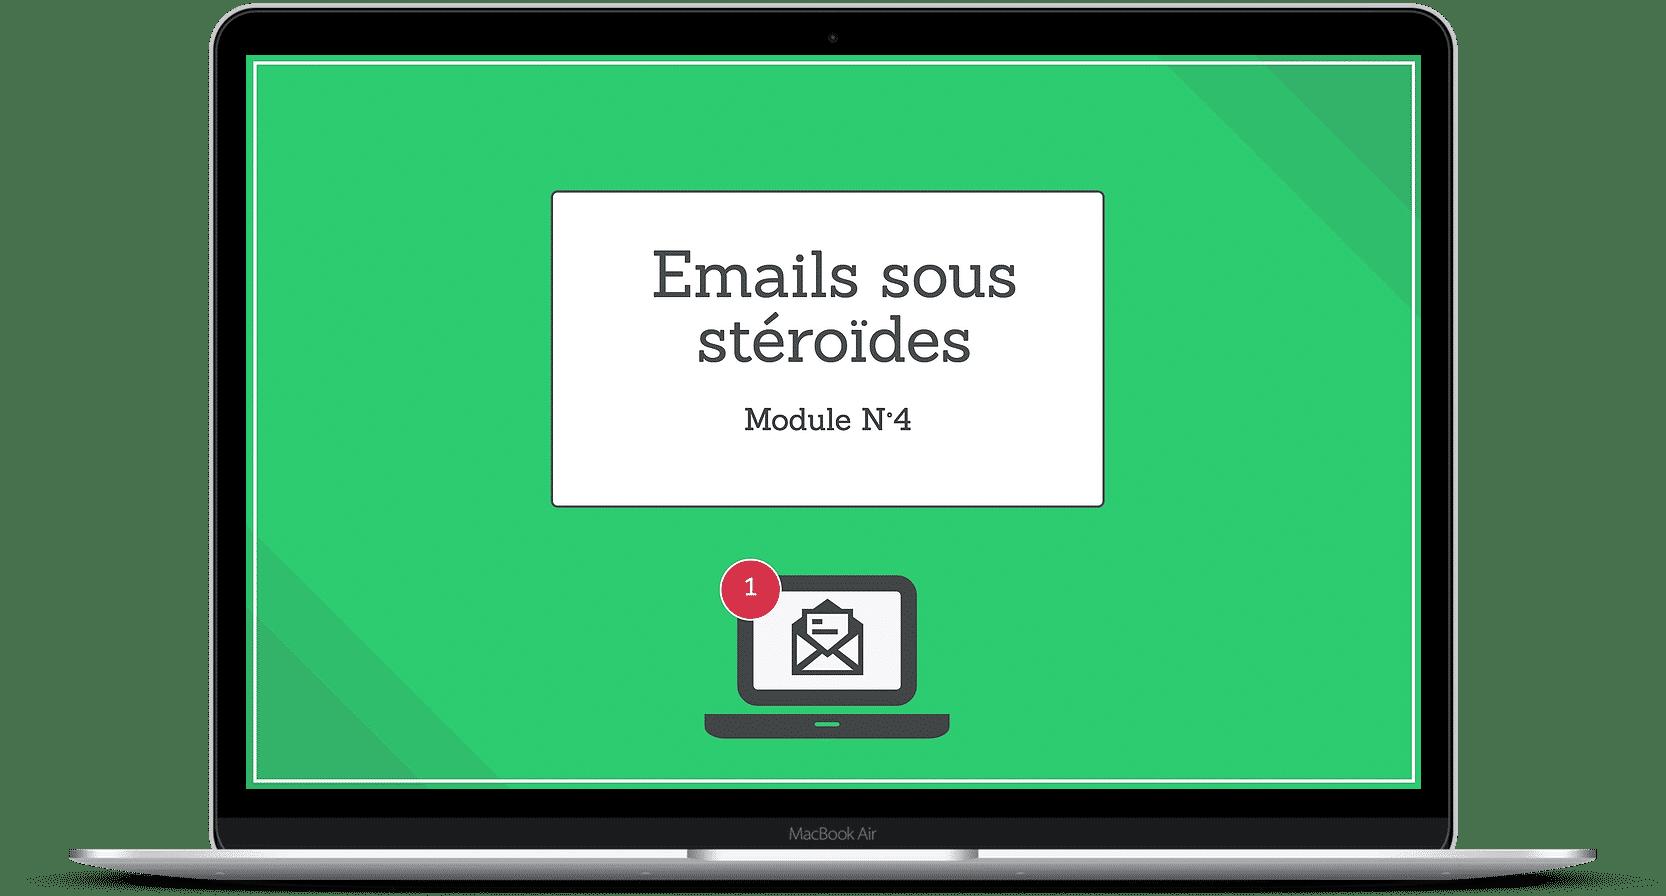 emails sous stéroïdes